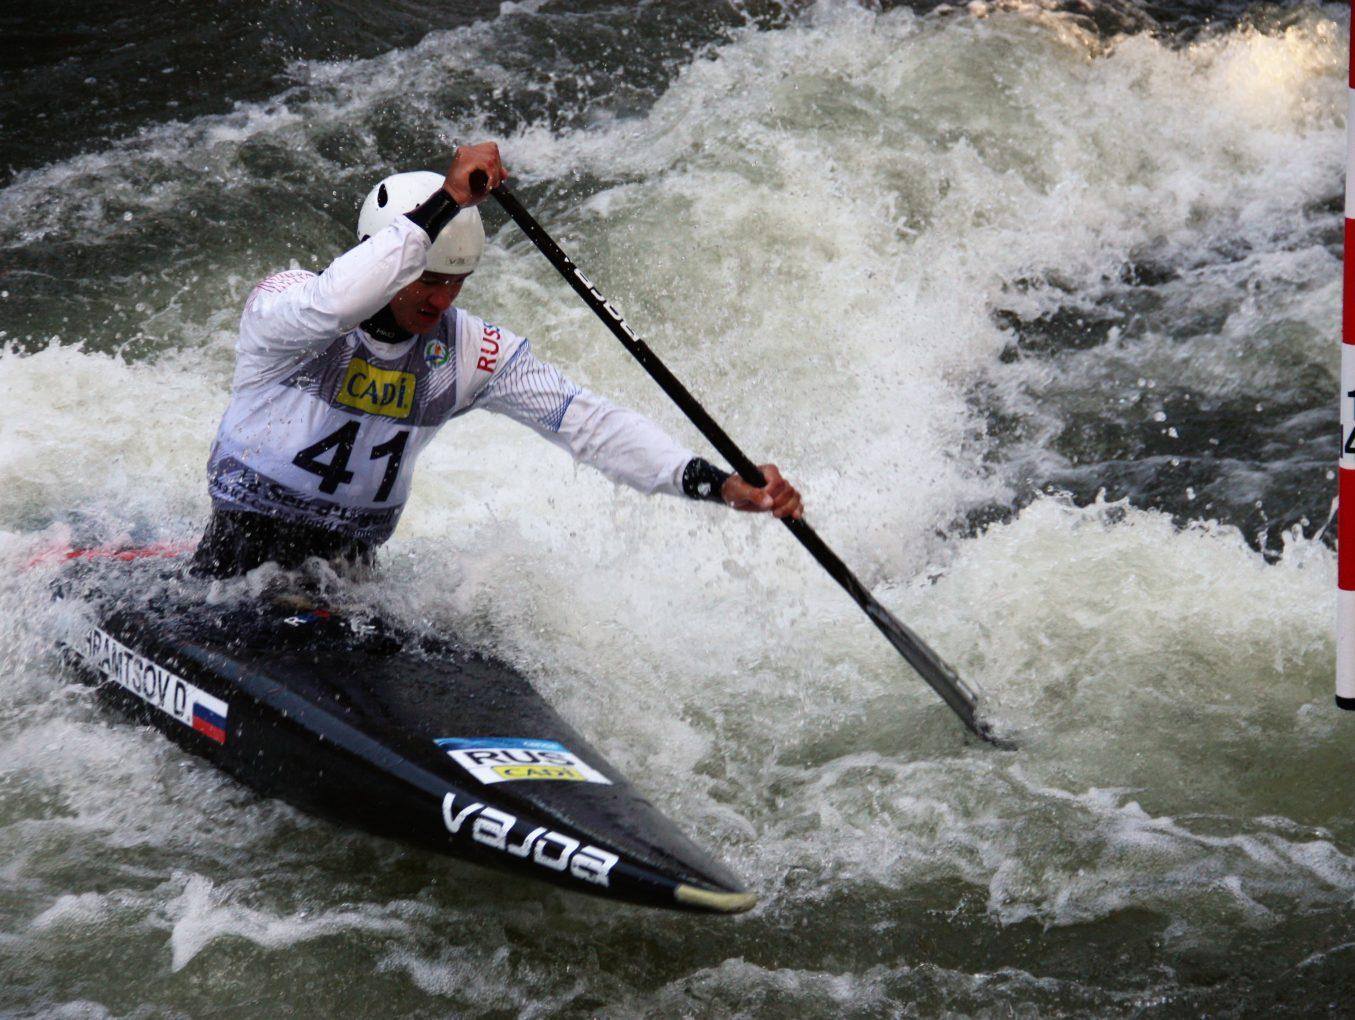 Дмитрий Храмцов занял 24 место в полуфинале чемпионата мира